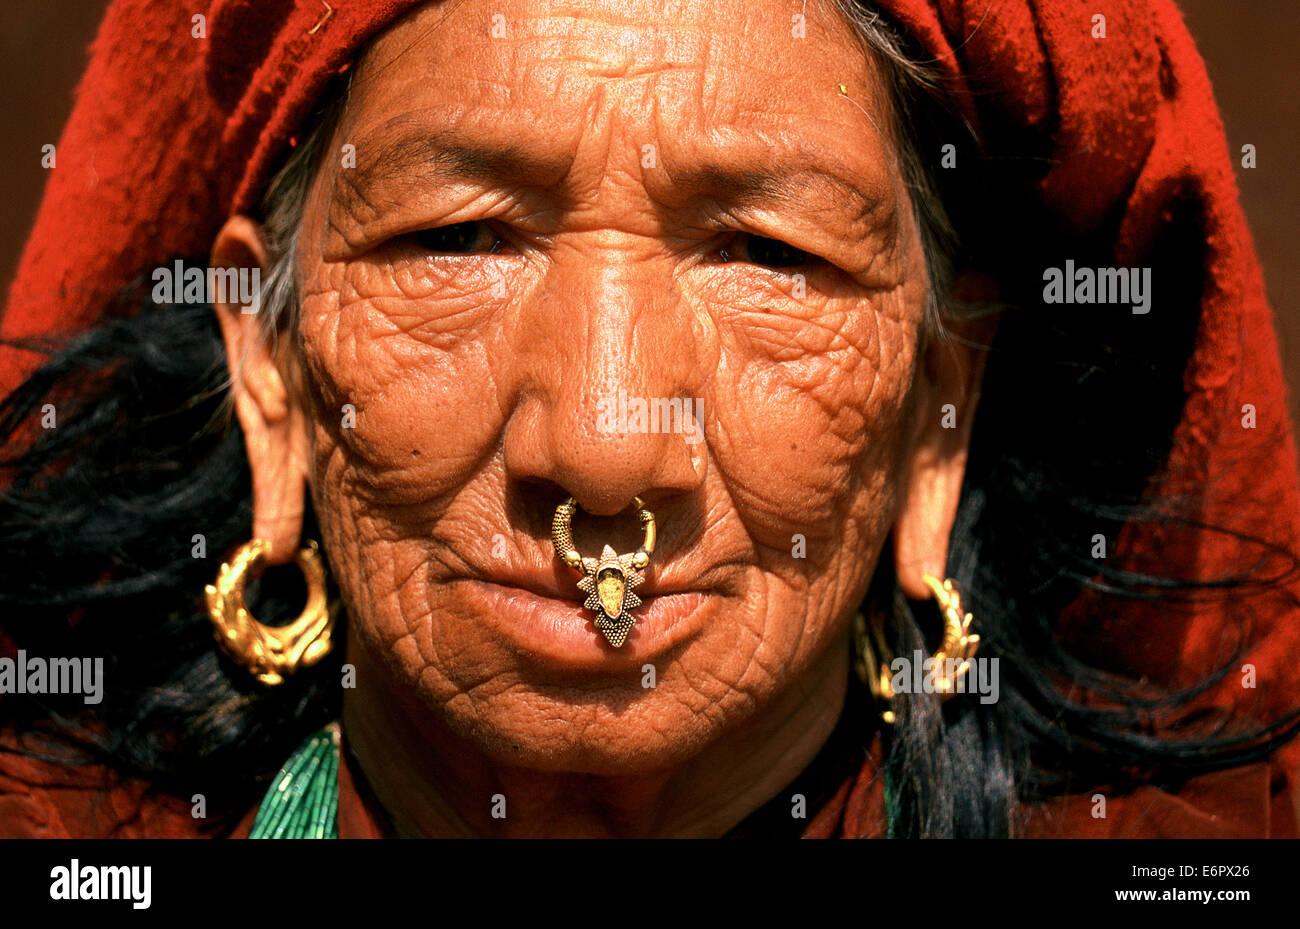 Mujer vistiendo joyería tradicional (Nepal) Imagen De Stock